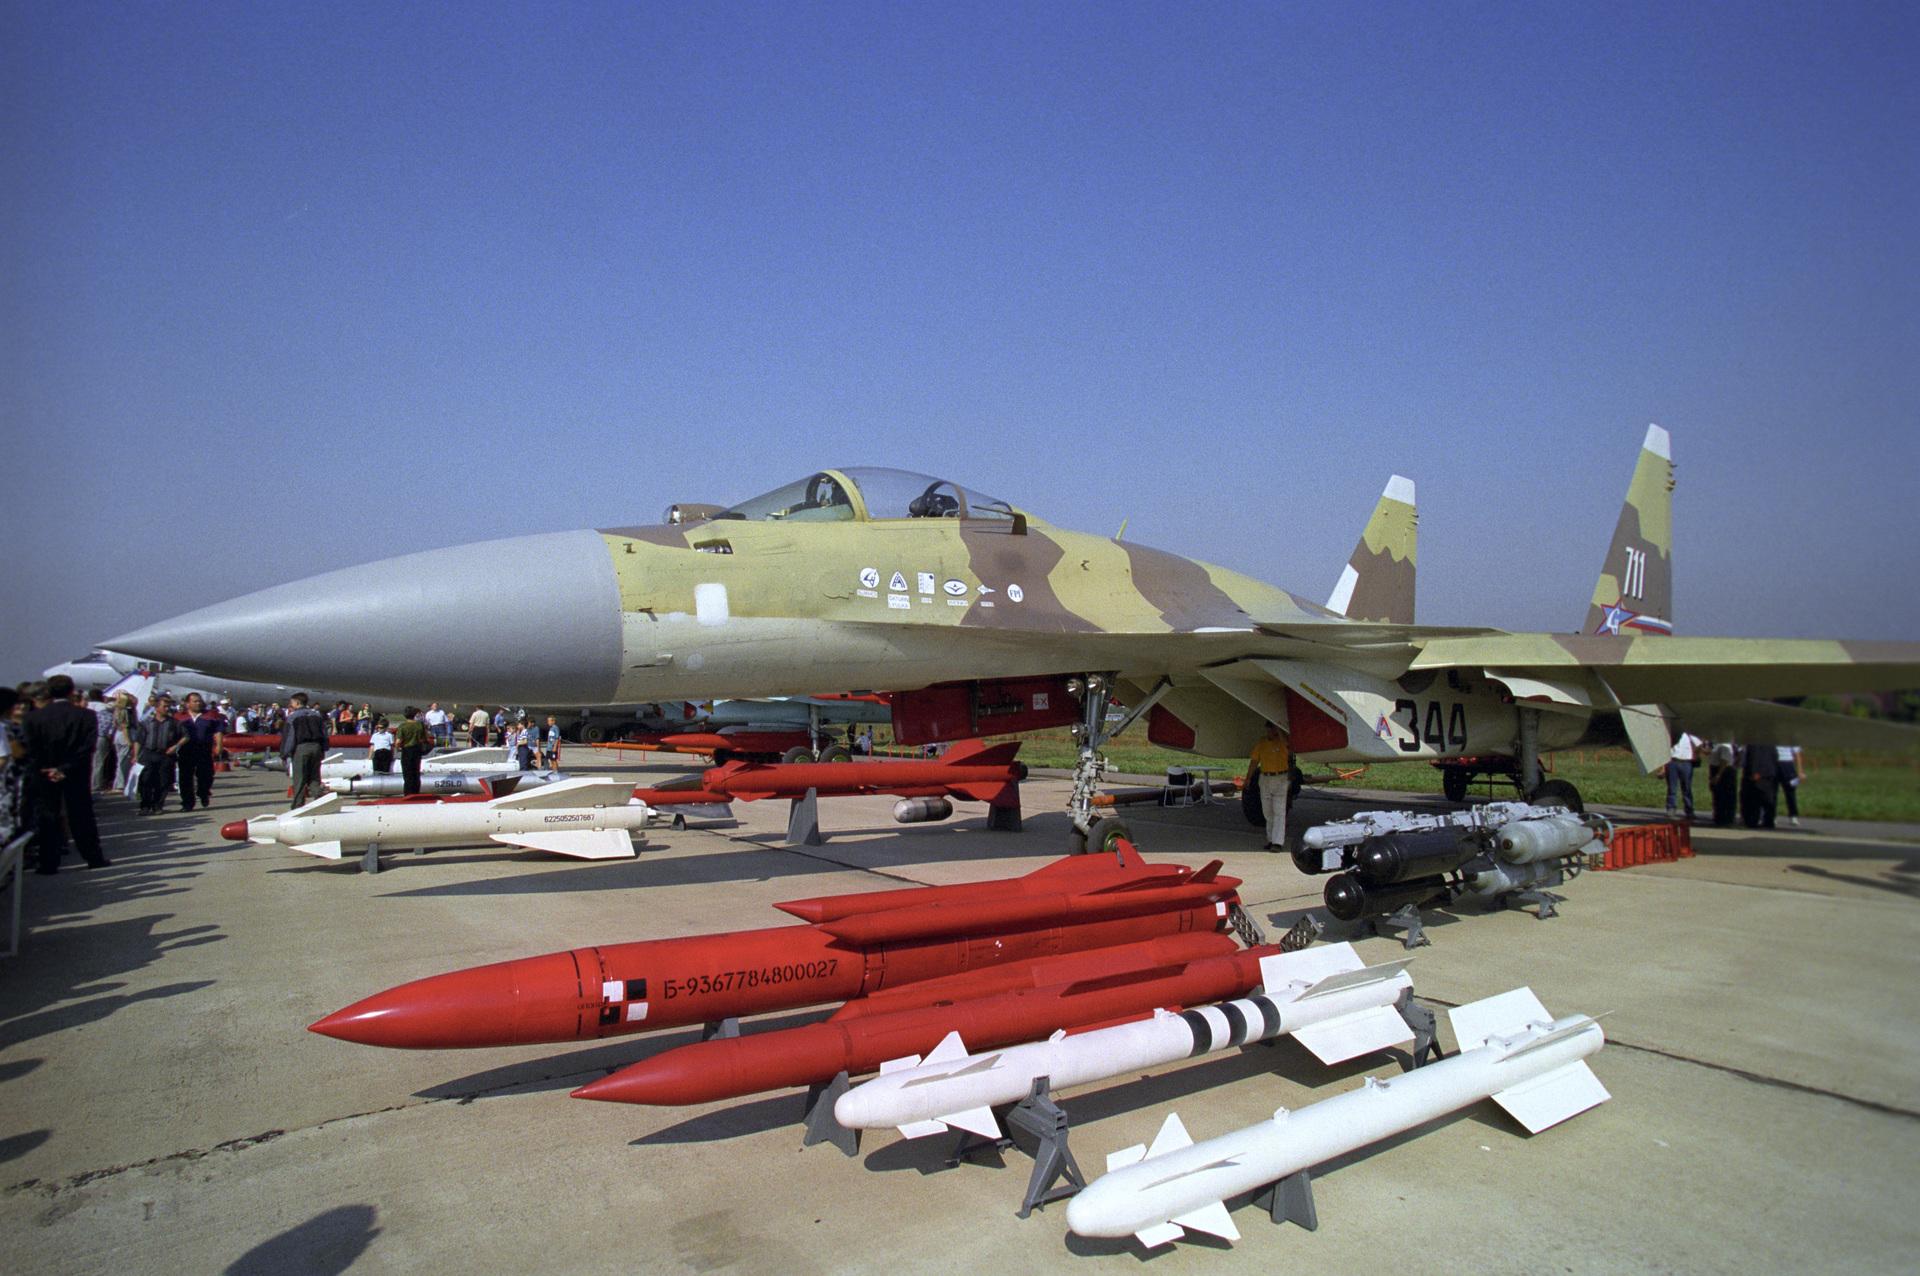 «Без него не появились бы Су-35 и Су-57»: какую роль в становлении истребительной авиации РФ сыграл самолёт Су-372